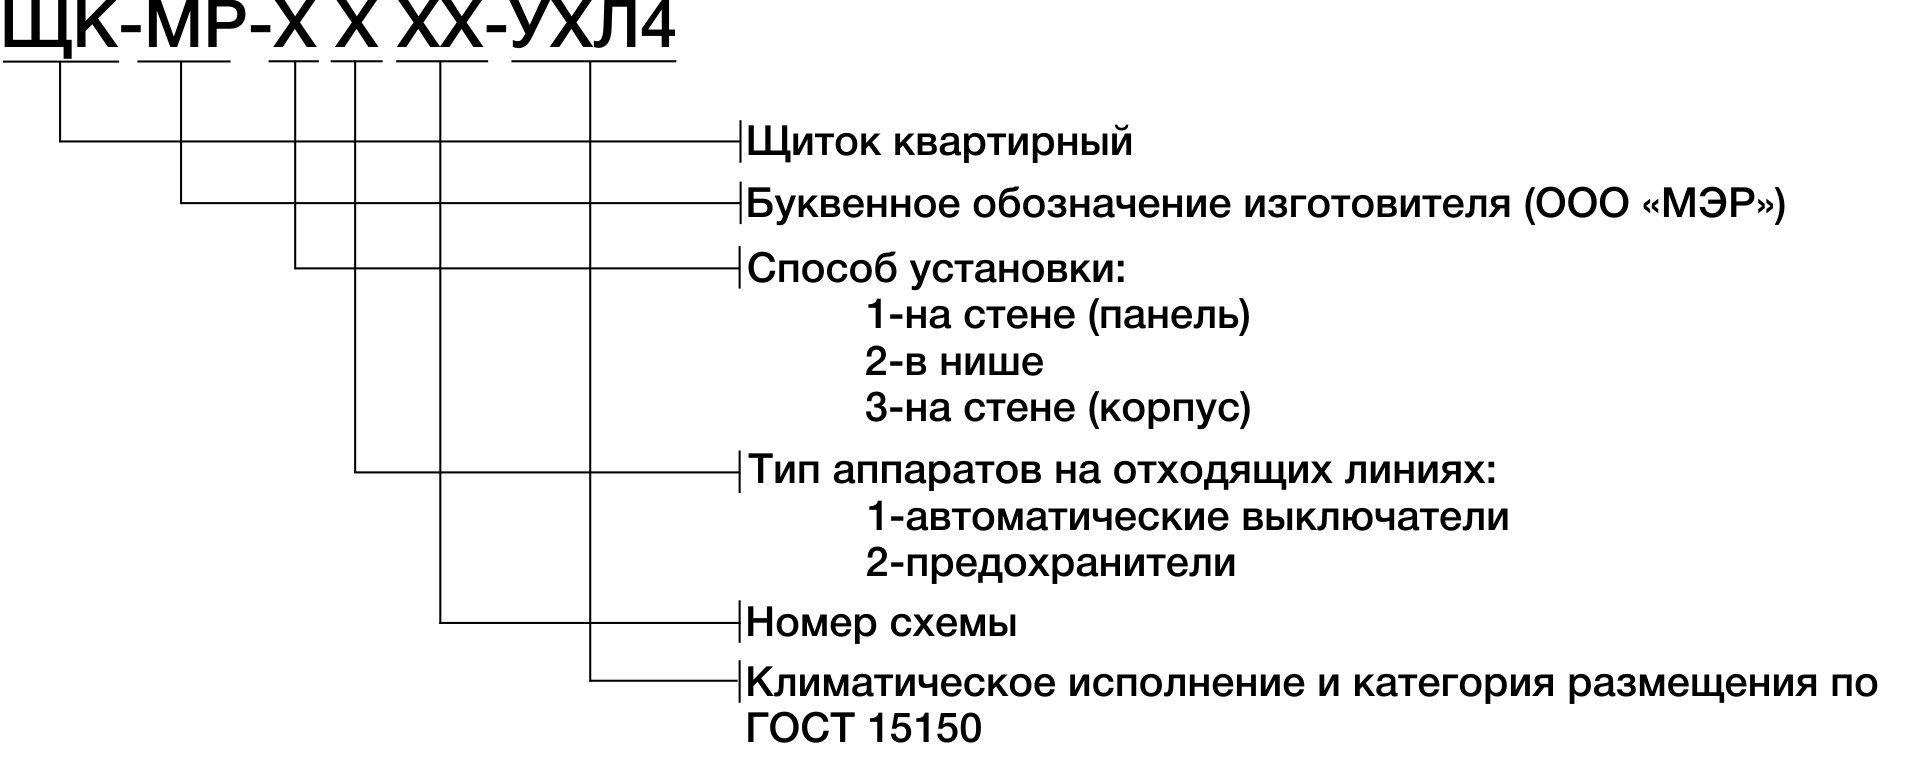 Структура условного обозначения квартирных щитков ЩК-МР